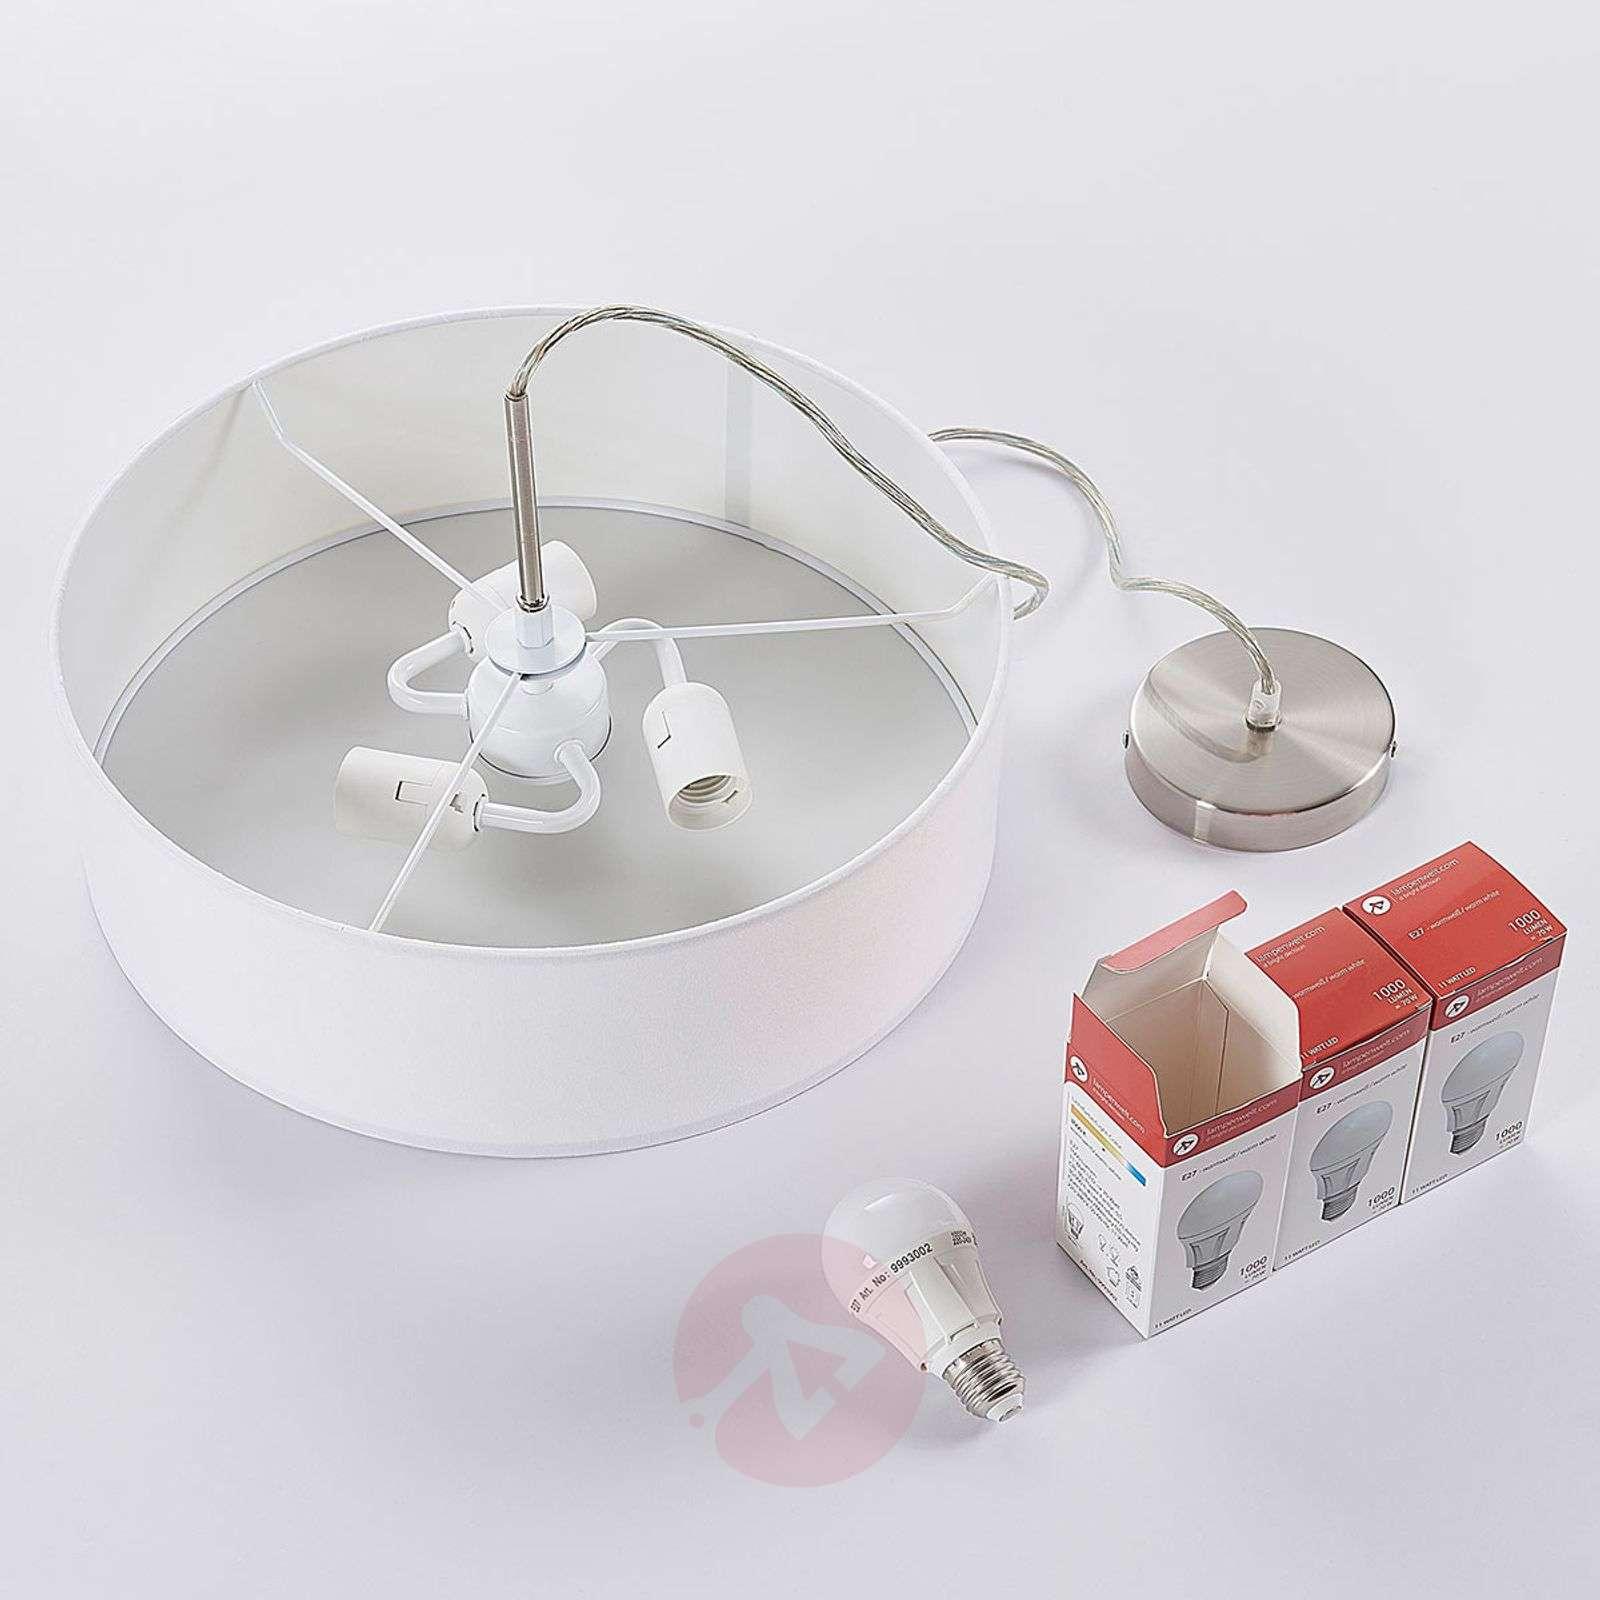 Fabric pendant light Sebatin in white-9620325-02